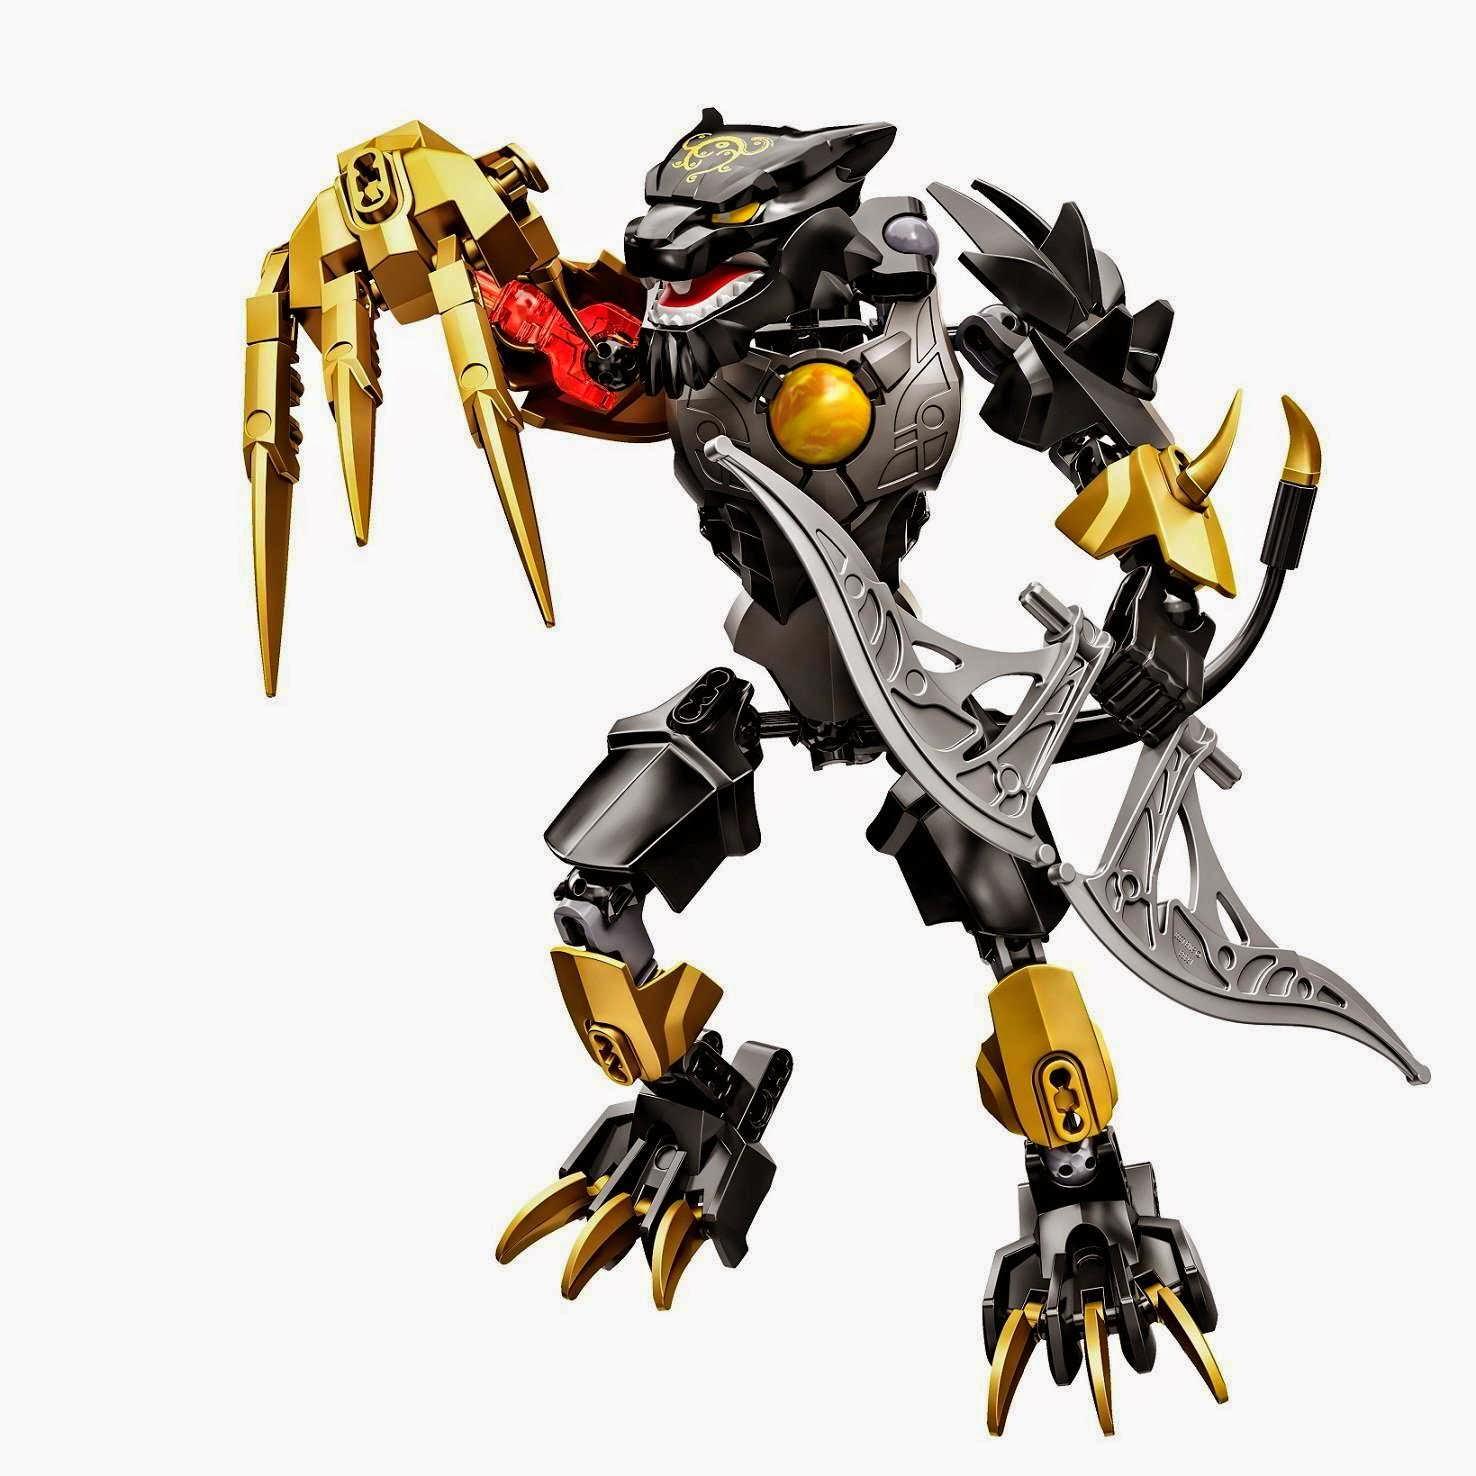 LEGO 70208